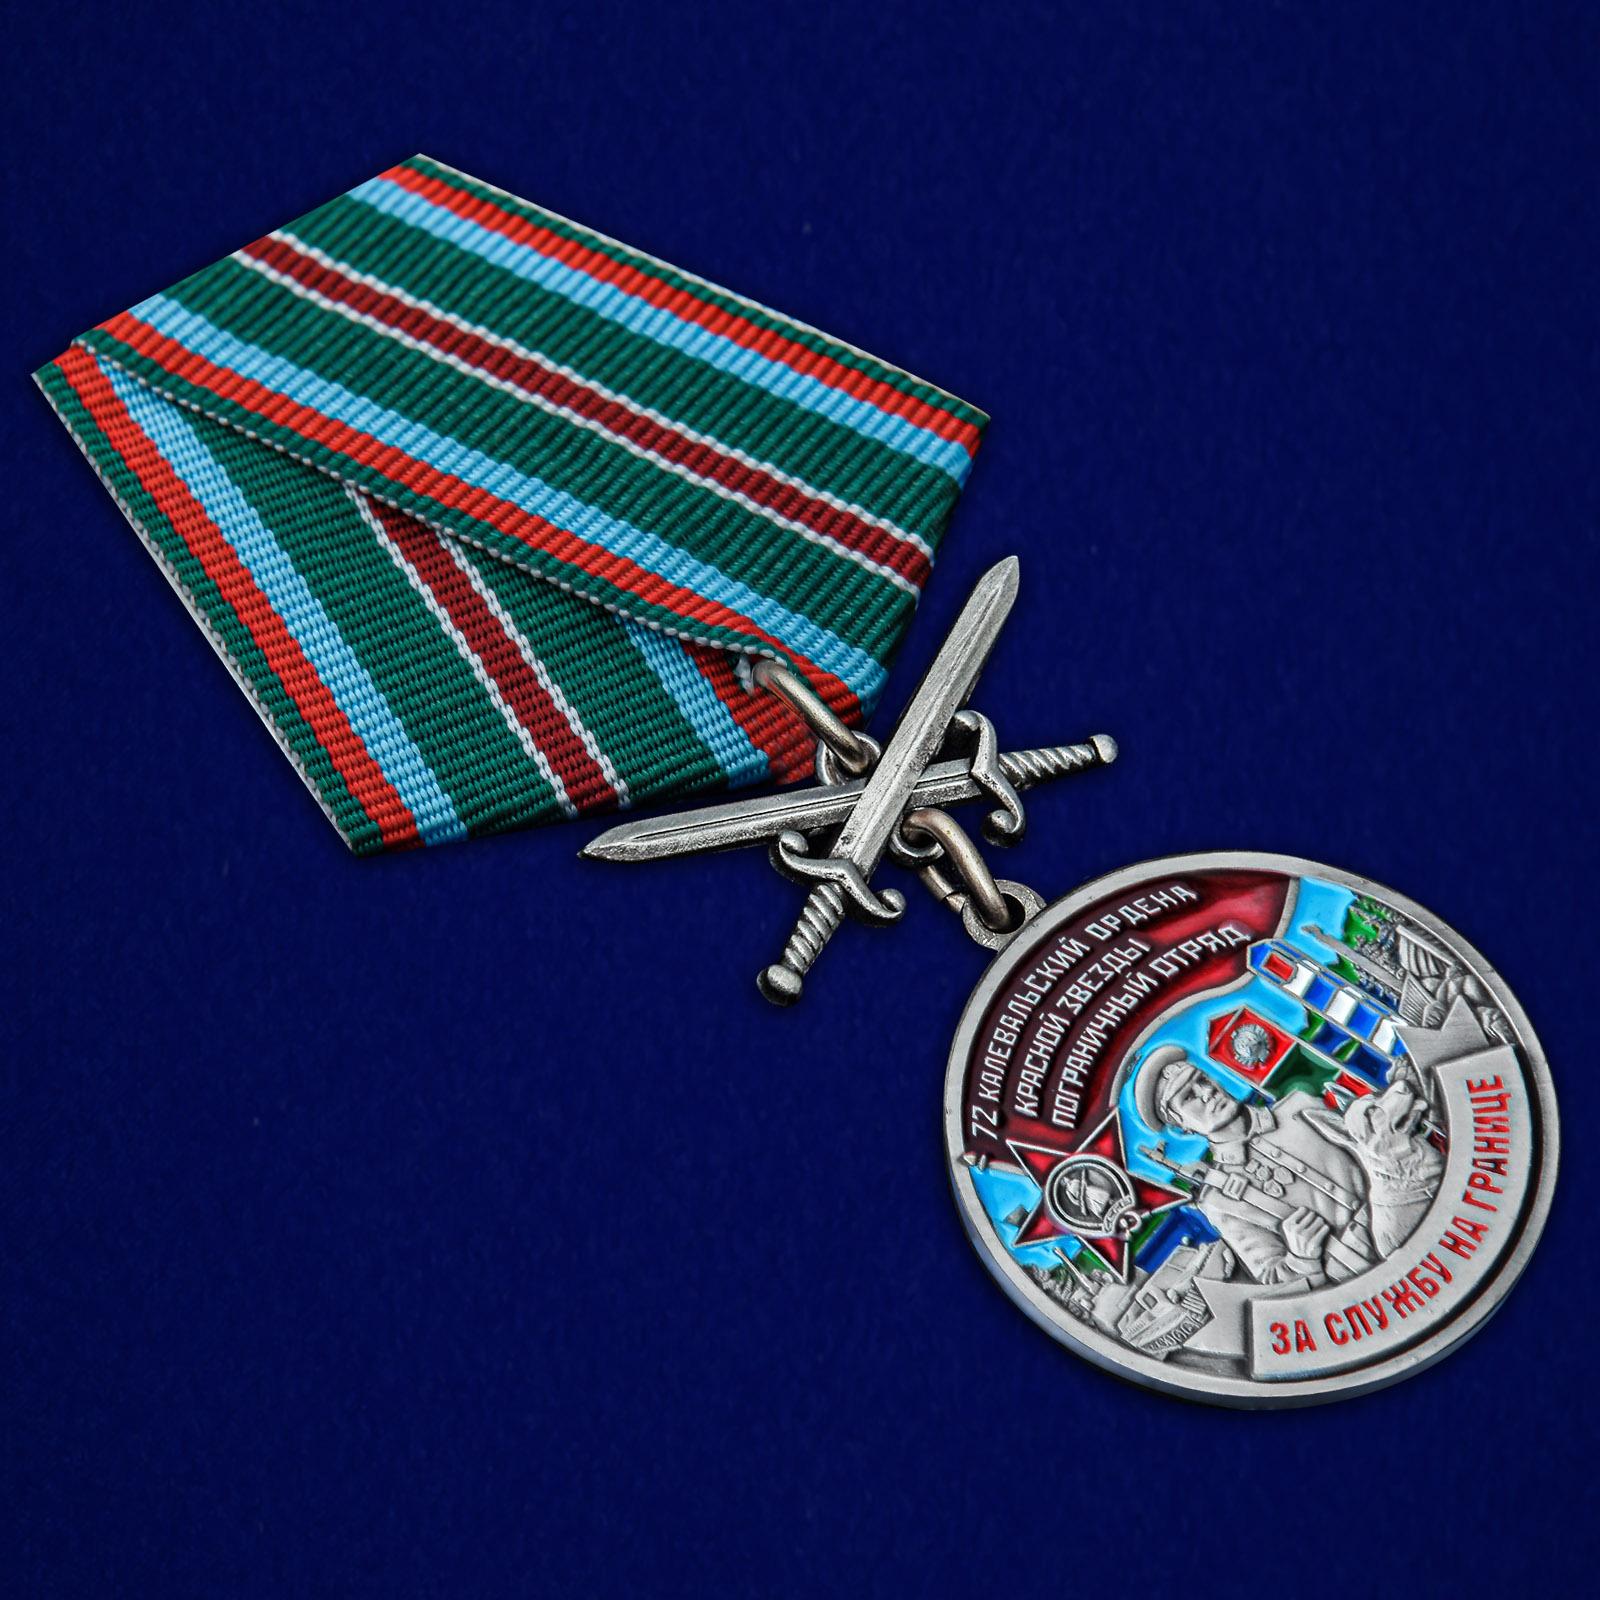 """Купить медаль """"За службу в Калевальском пограничном отряде"""""""